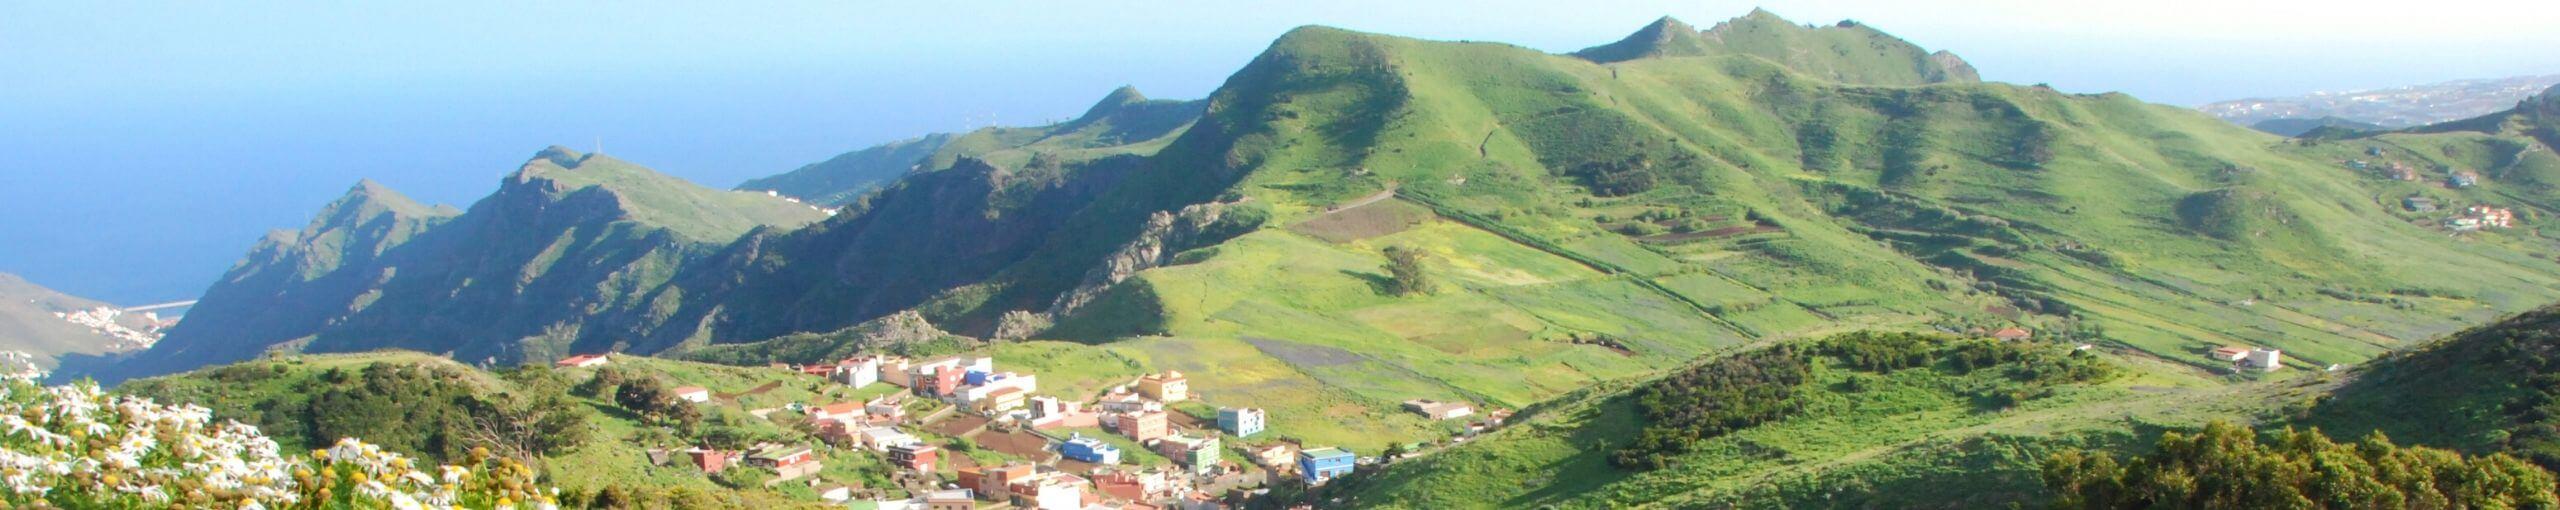 Islas Canarias. Parque Rural de Anaga. Isla de Tenerife.